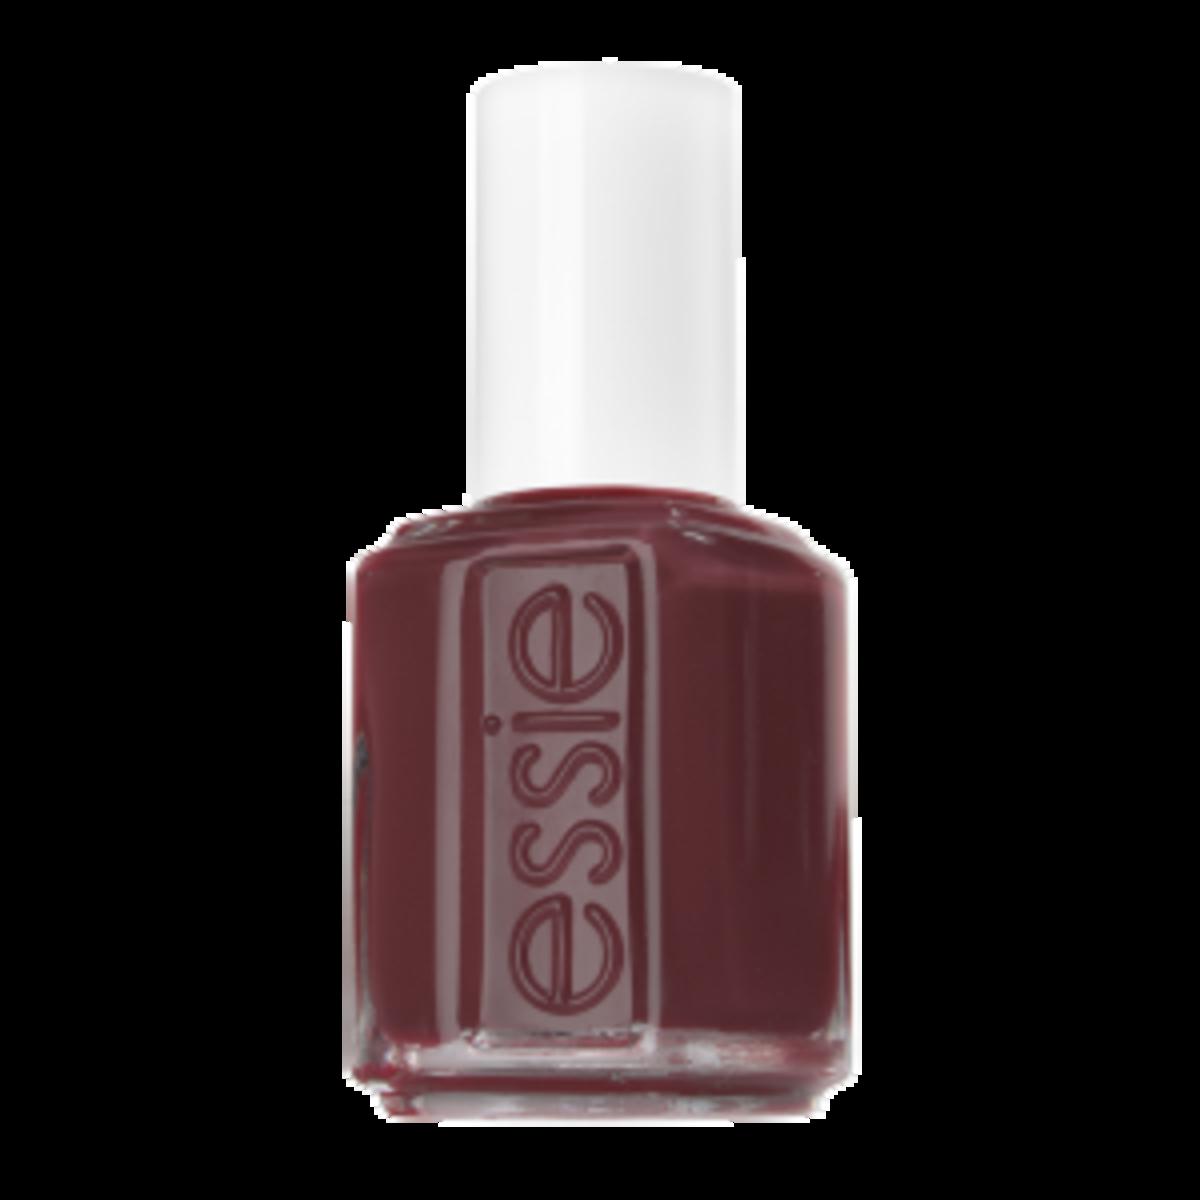 Essie-Bordeaux